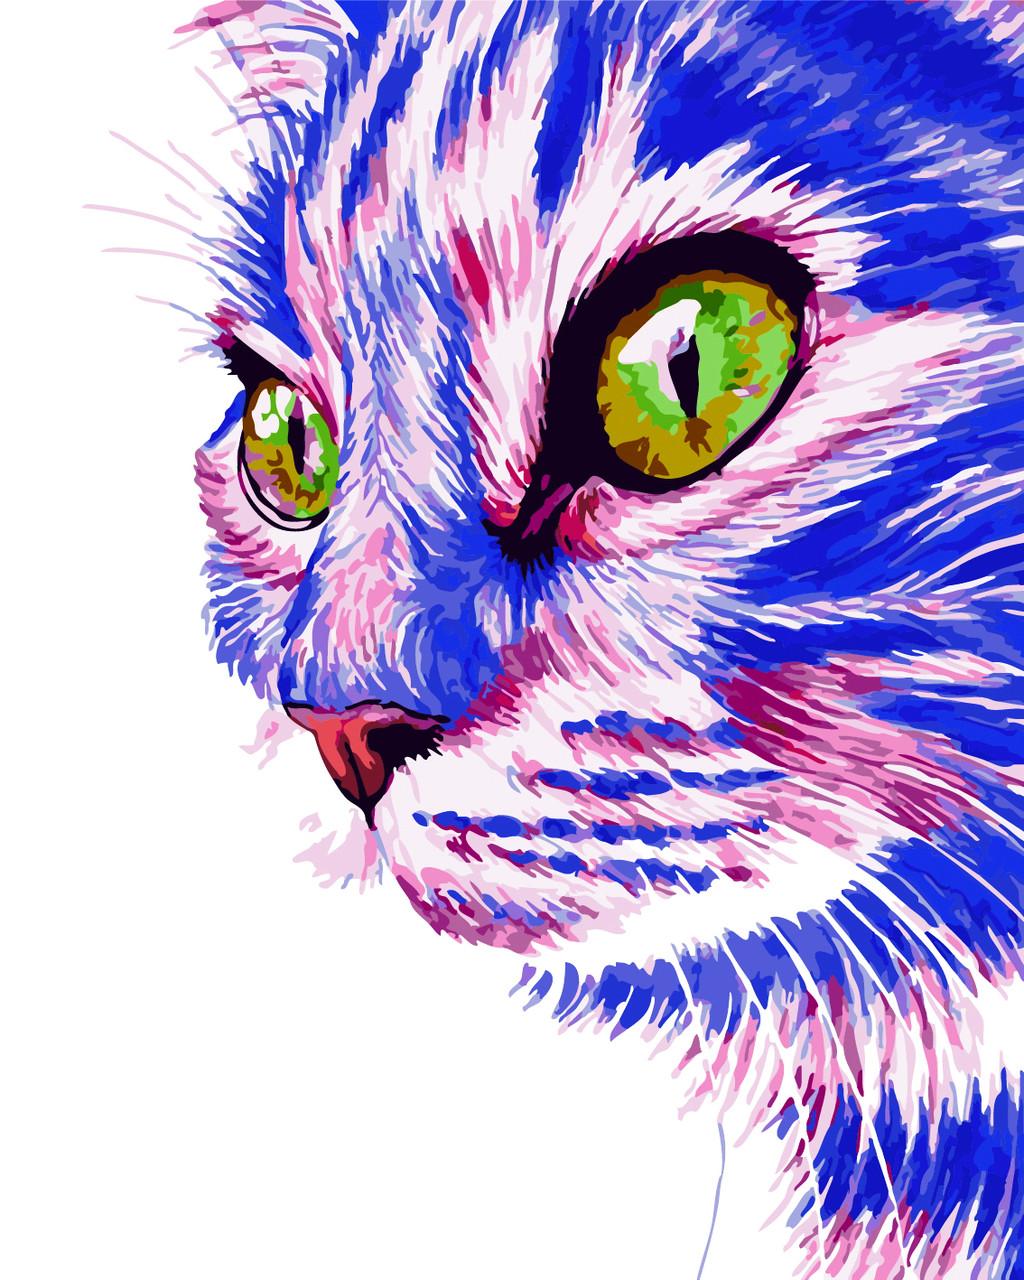 Художественный творческий набор, картина по номерам Зеленоглазый кот, 40x50 см, «Art Story» (AS0276)